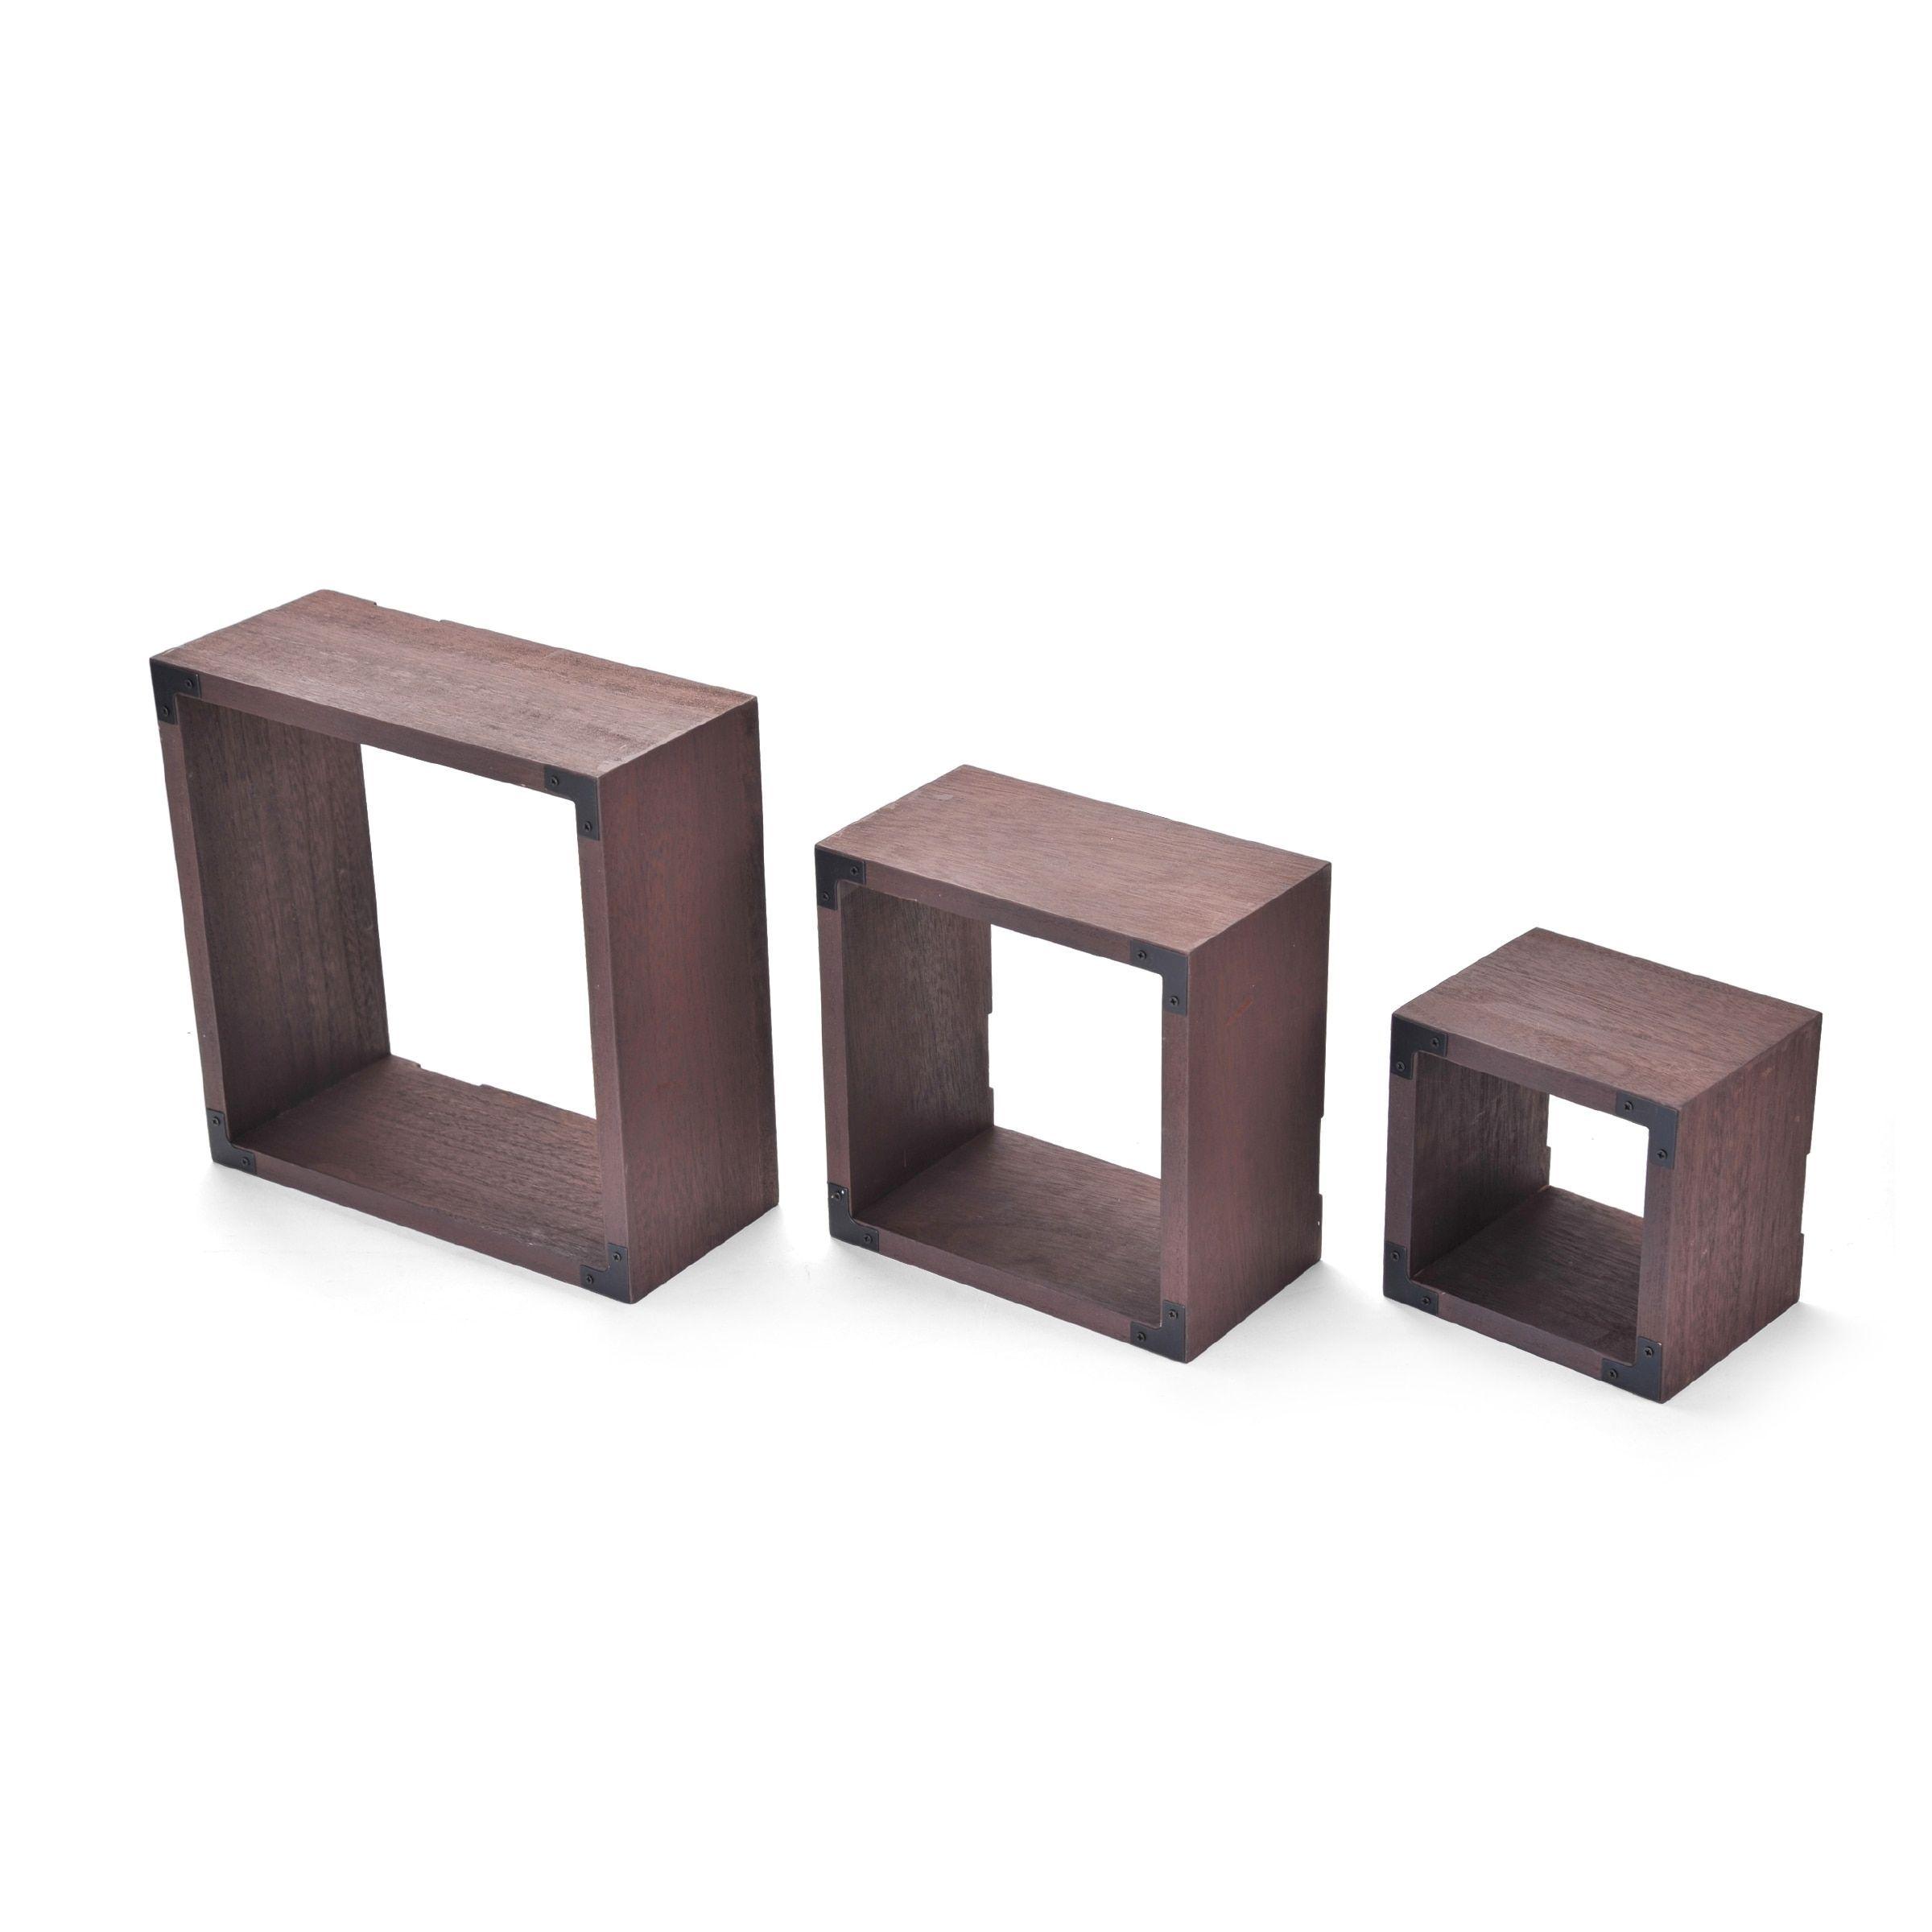 Melannco Set of 3 Distressed Dark Square Cubes